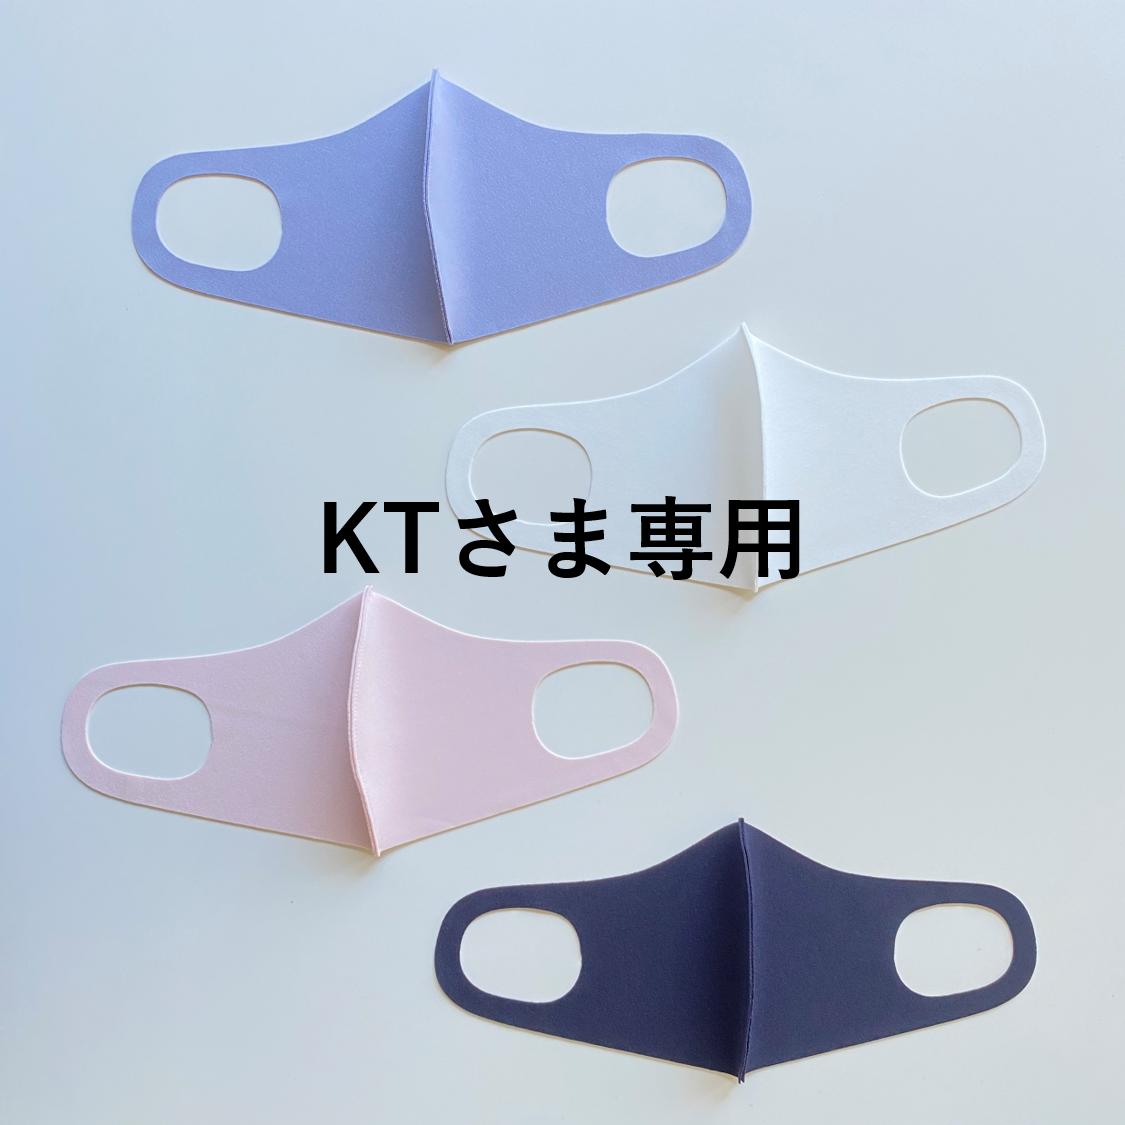 KTさま専用★マルチガードストレッチマスク2枚(普通サイズ1枚、大きめサイズ1枚)